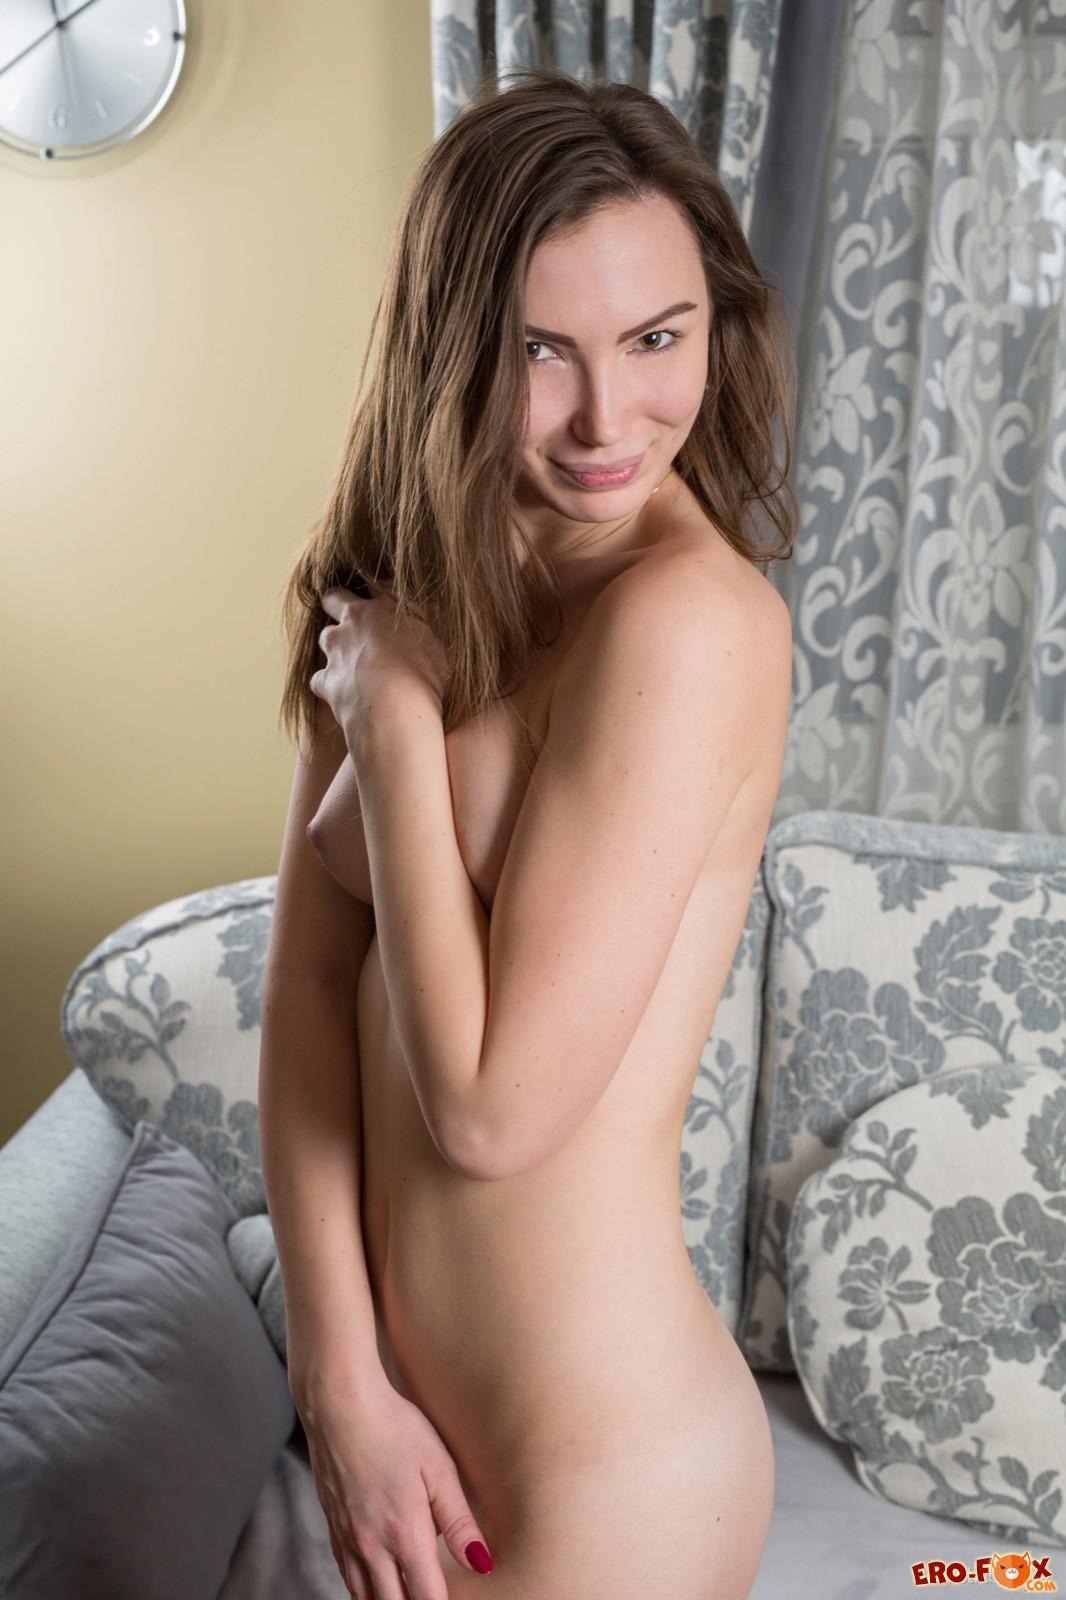 Скинув боди красотка выгибается голая на диване - фото